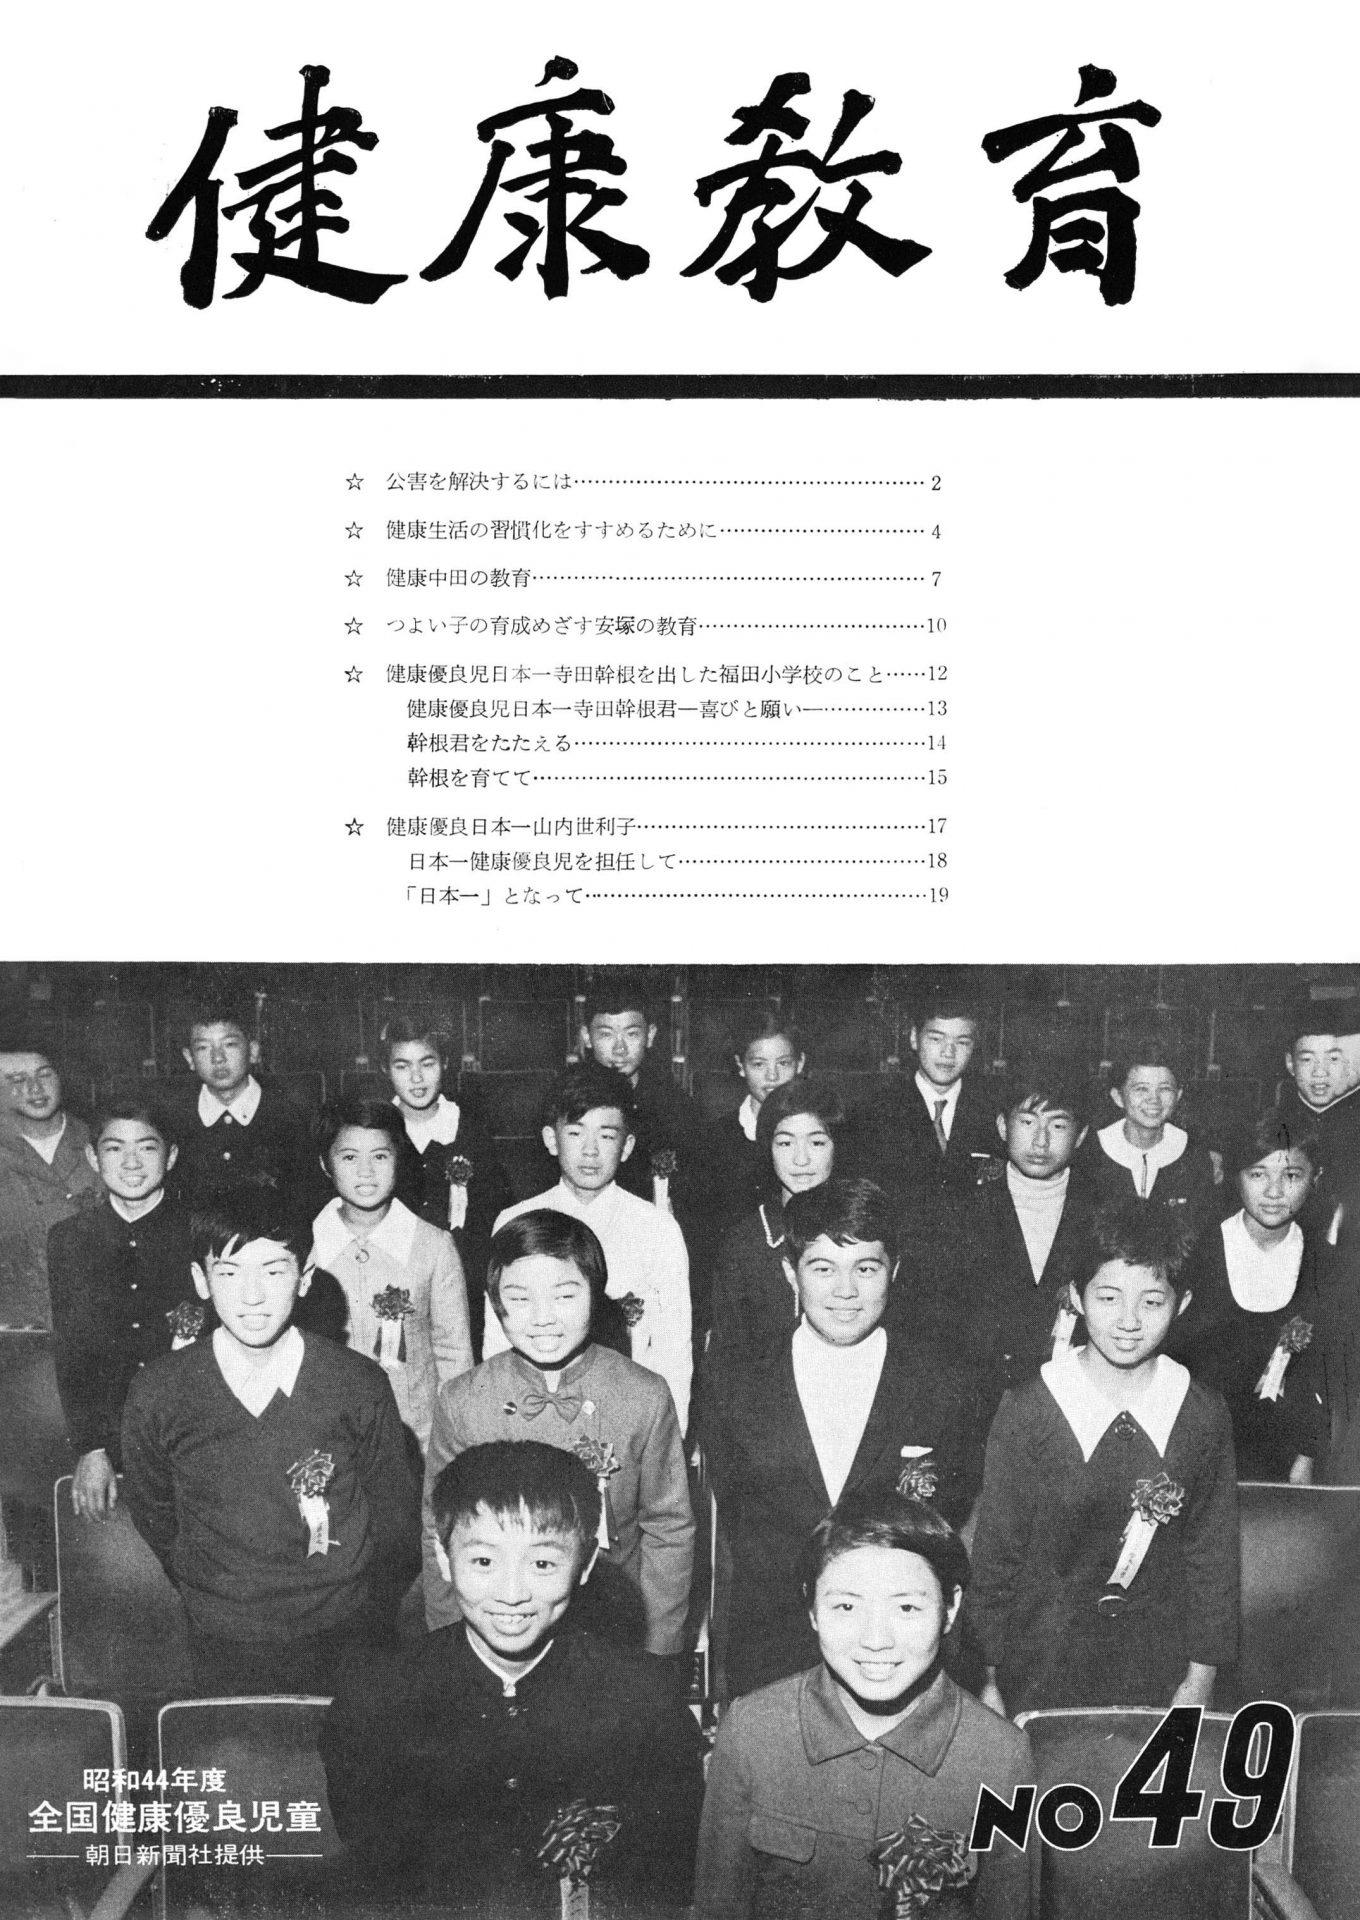 健康教育 No.49